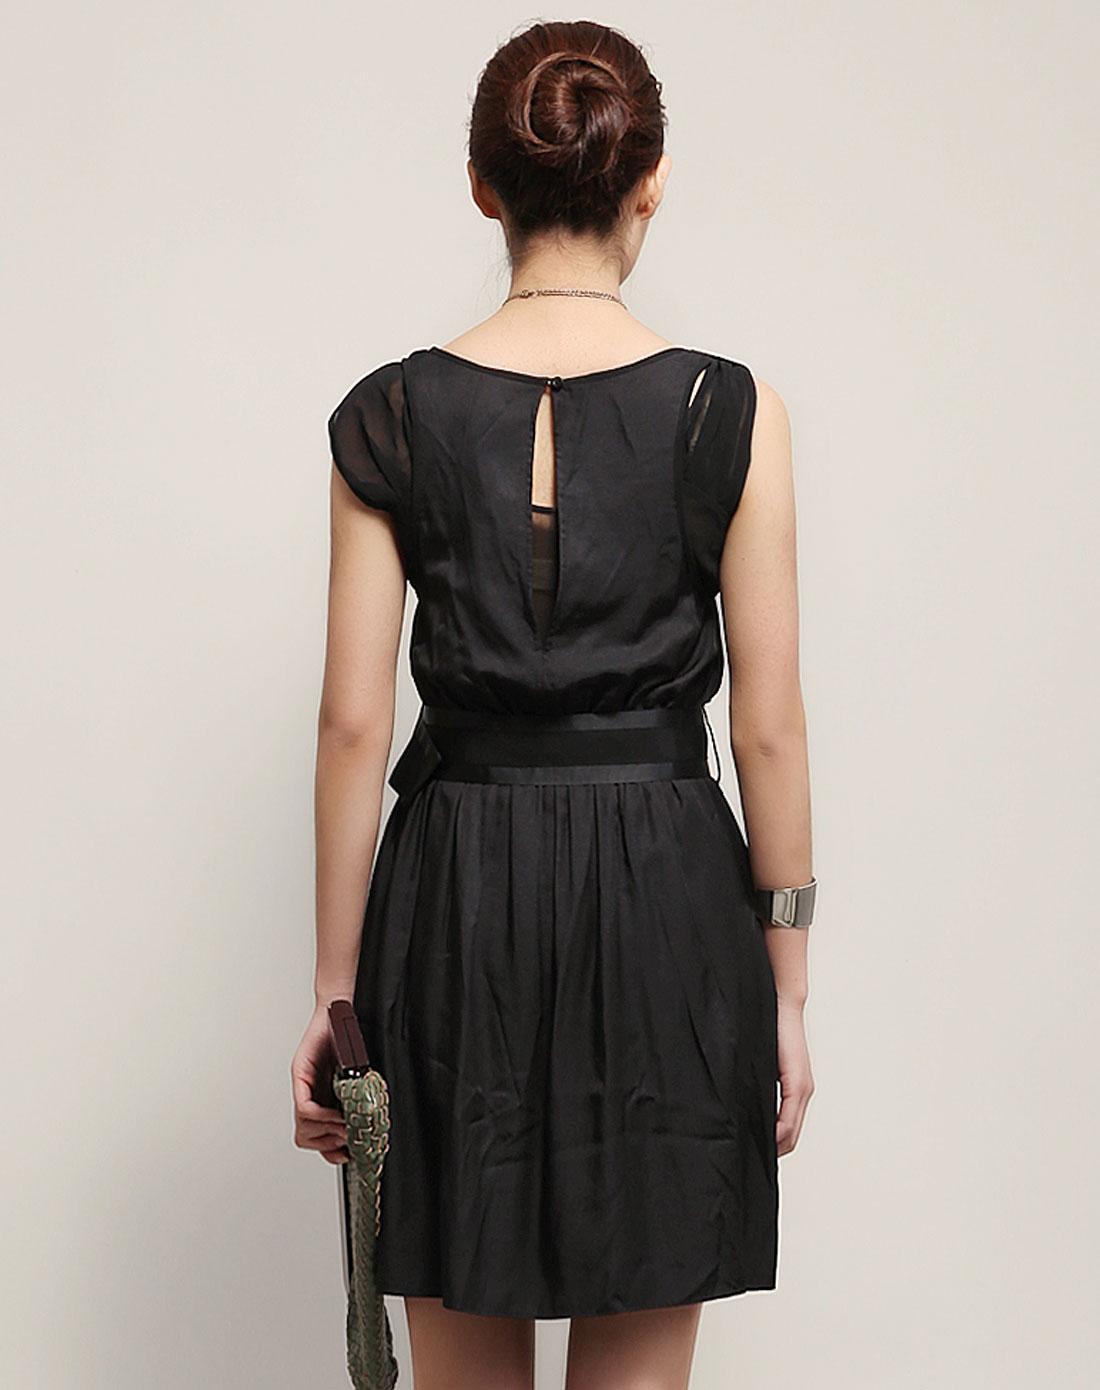 复古可爱连衣裙